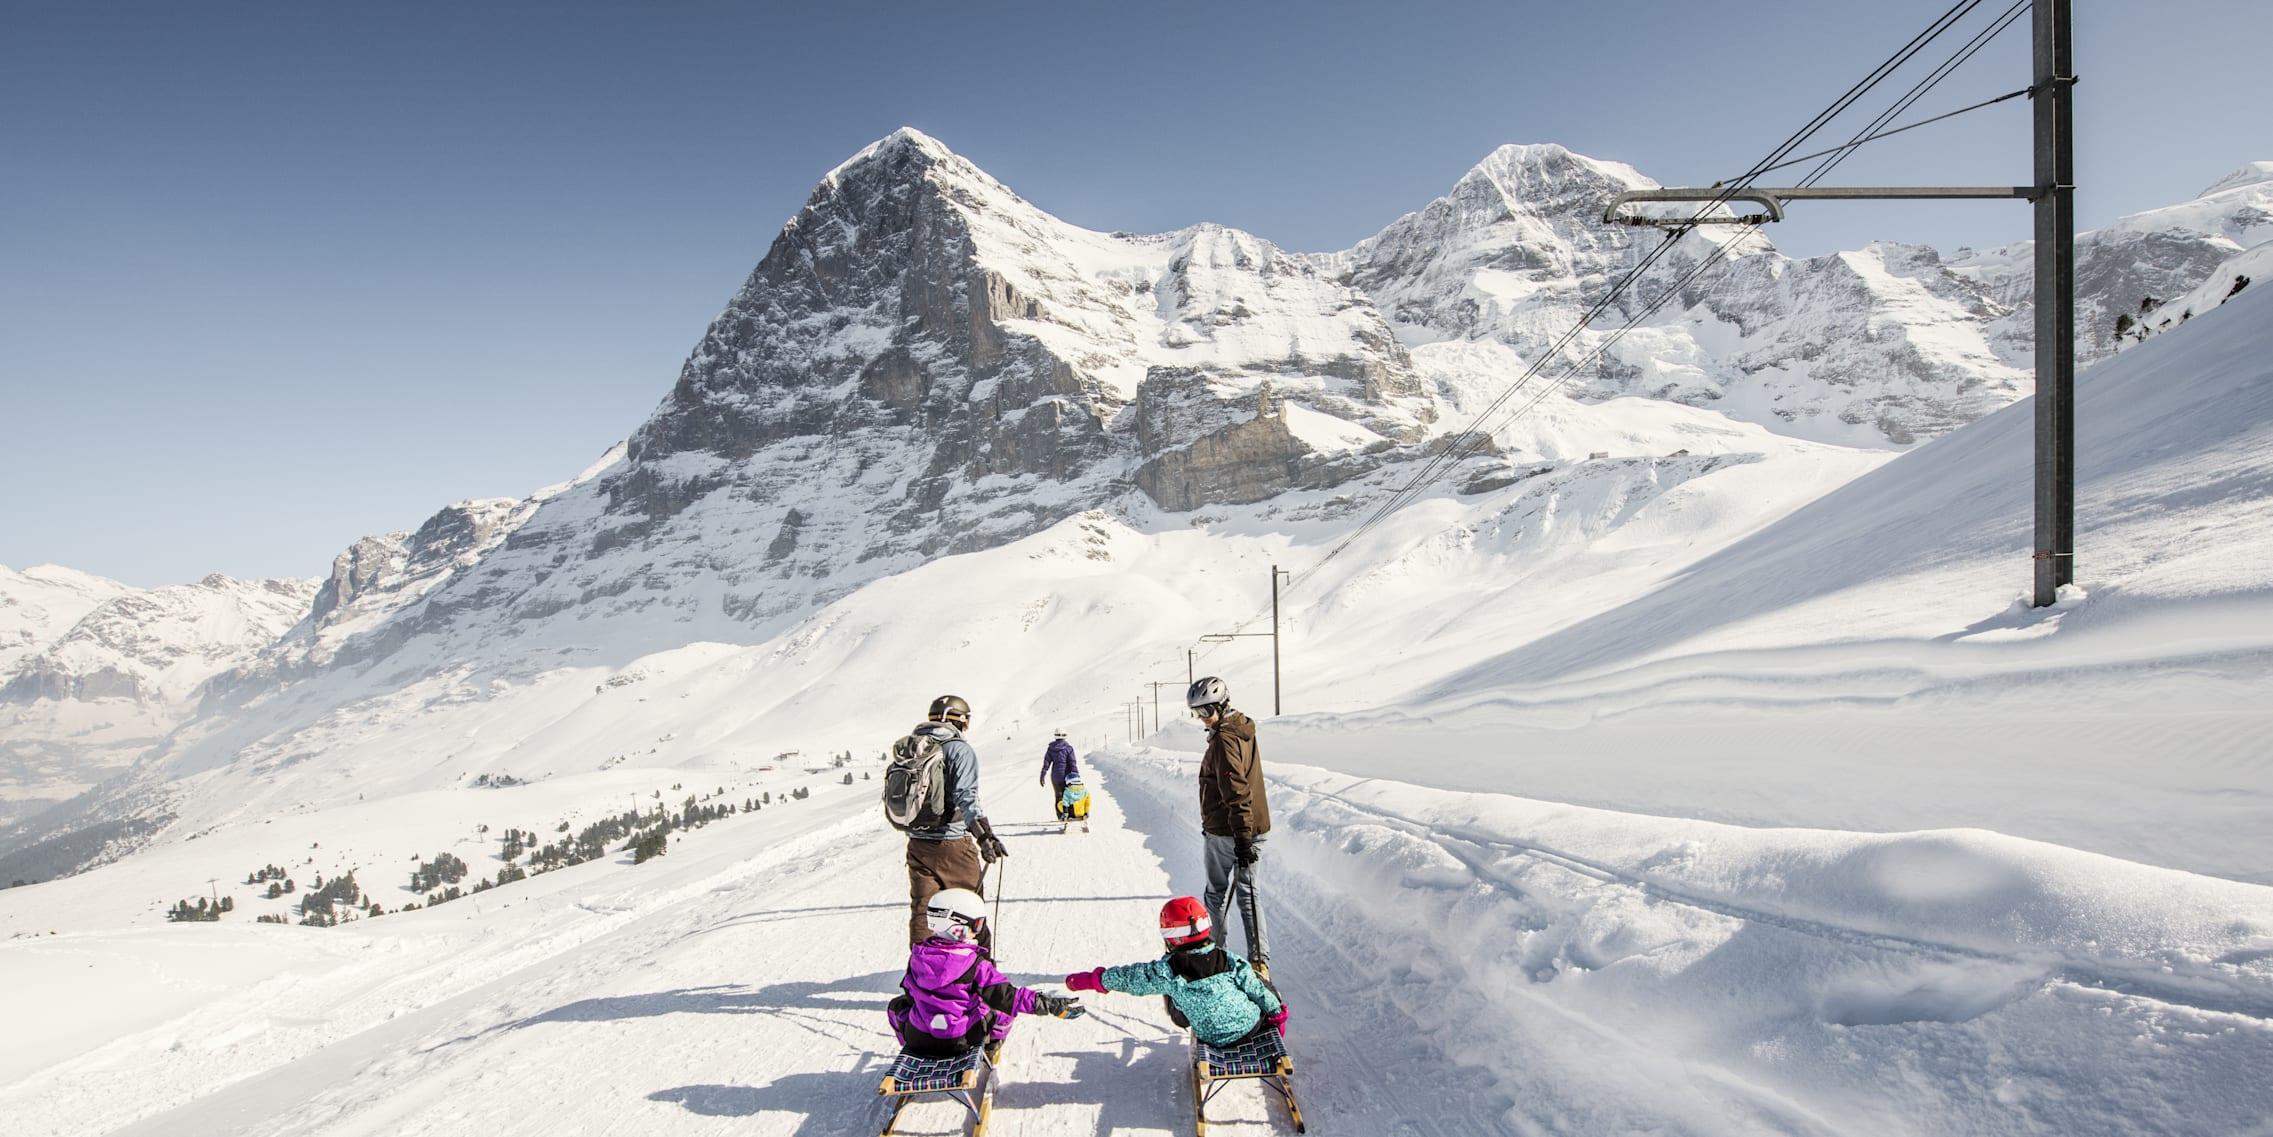 雪橇 雪橇滑道 艾格峰 北壁 家庭